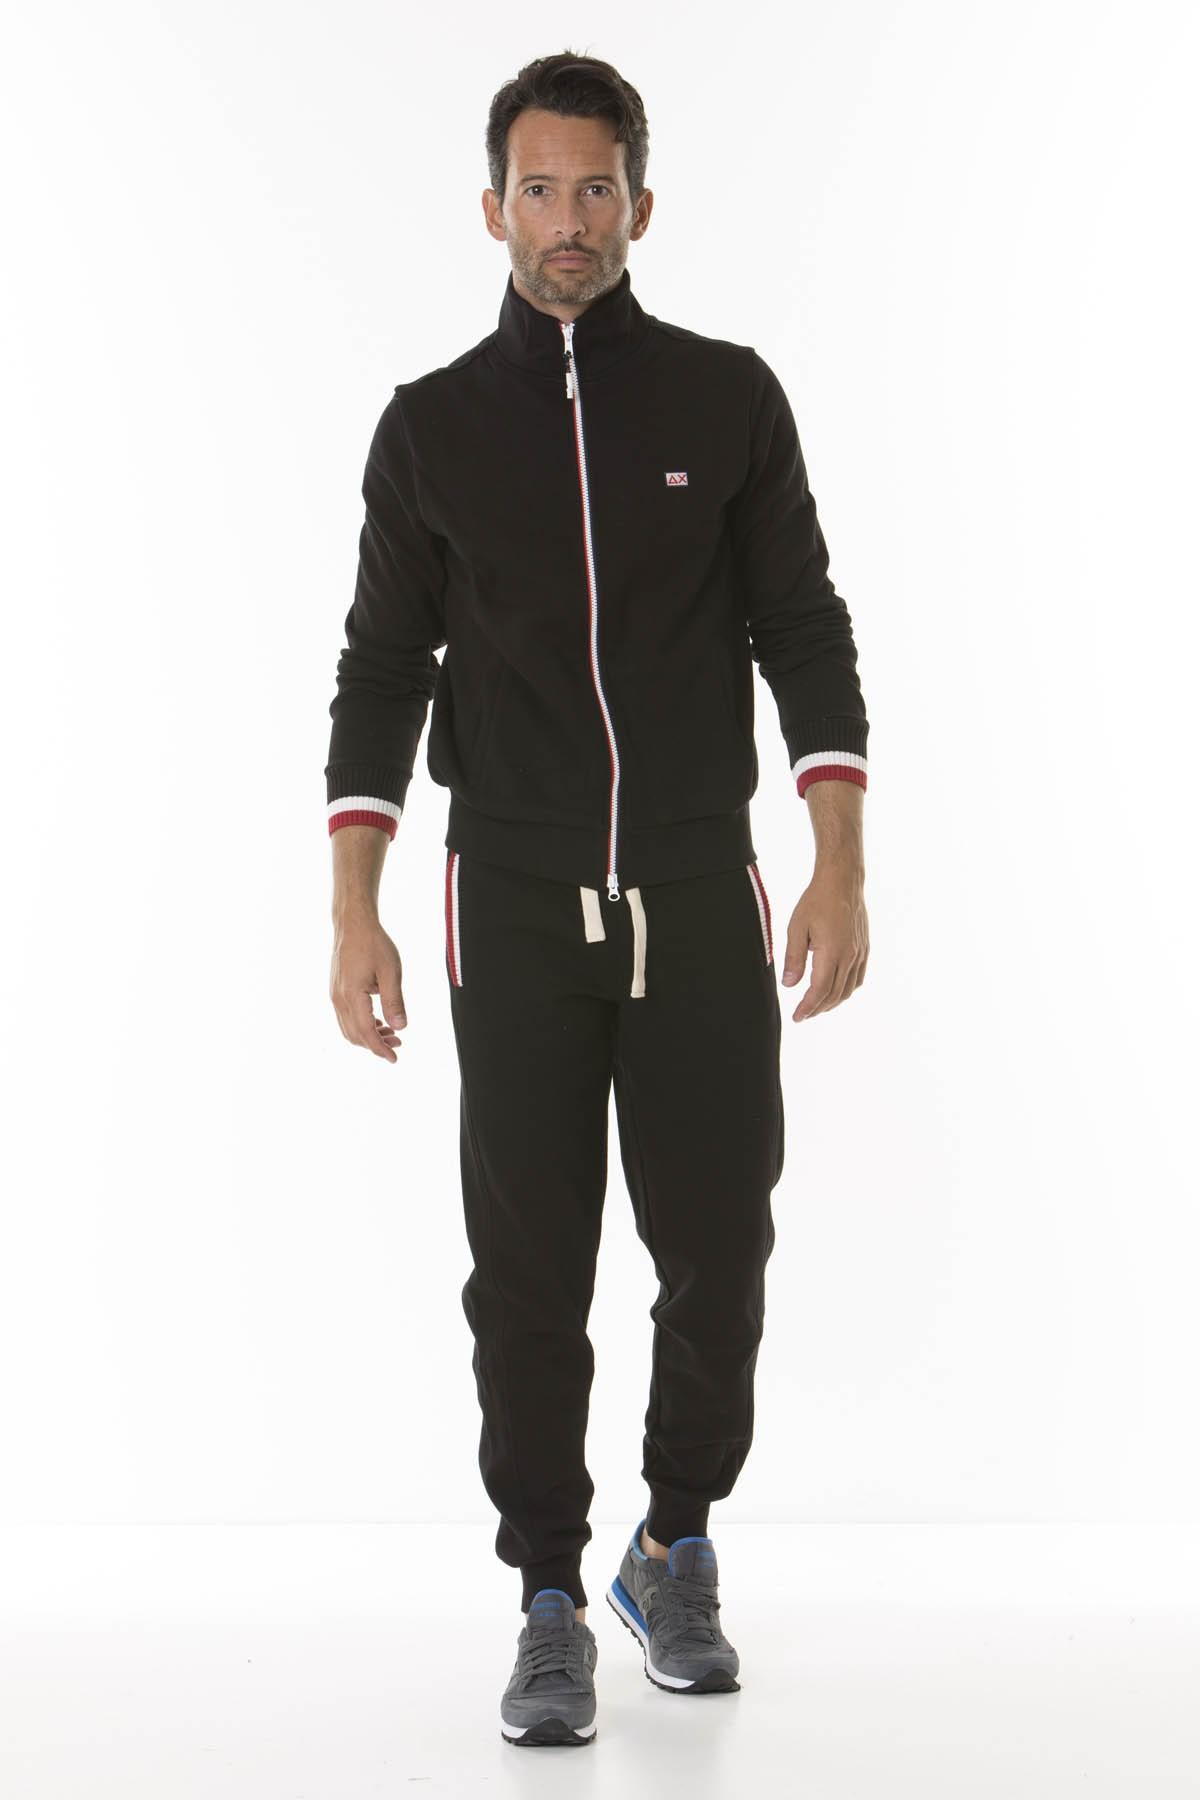 Sweatshirt for man ARMY KNIT RIB COTTON FL SUN68 F/W 18-19